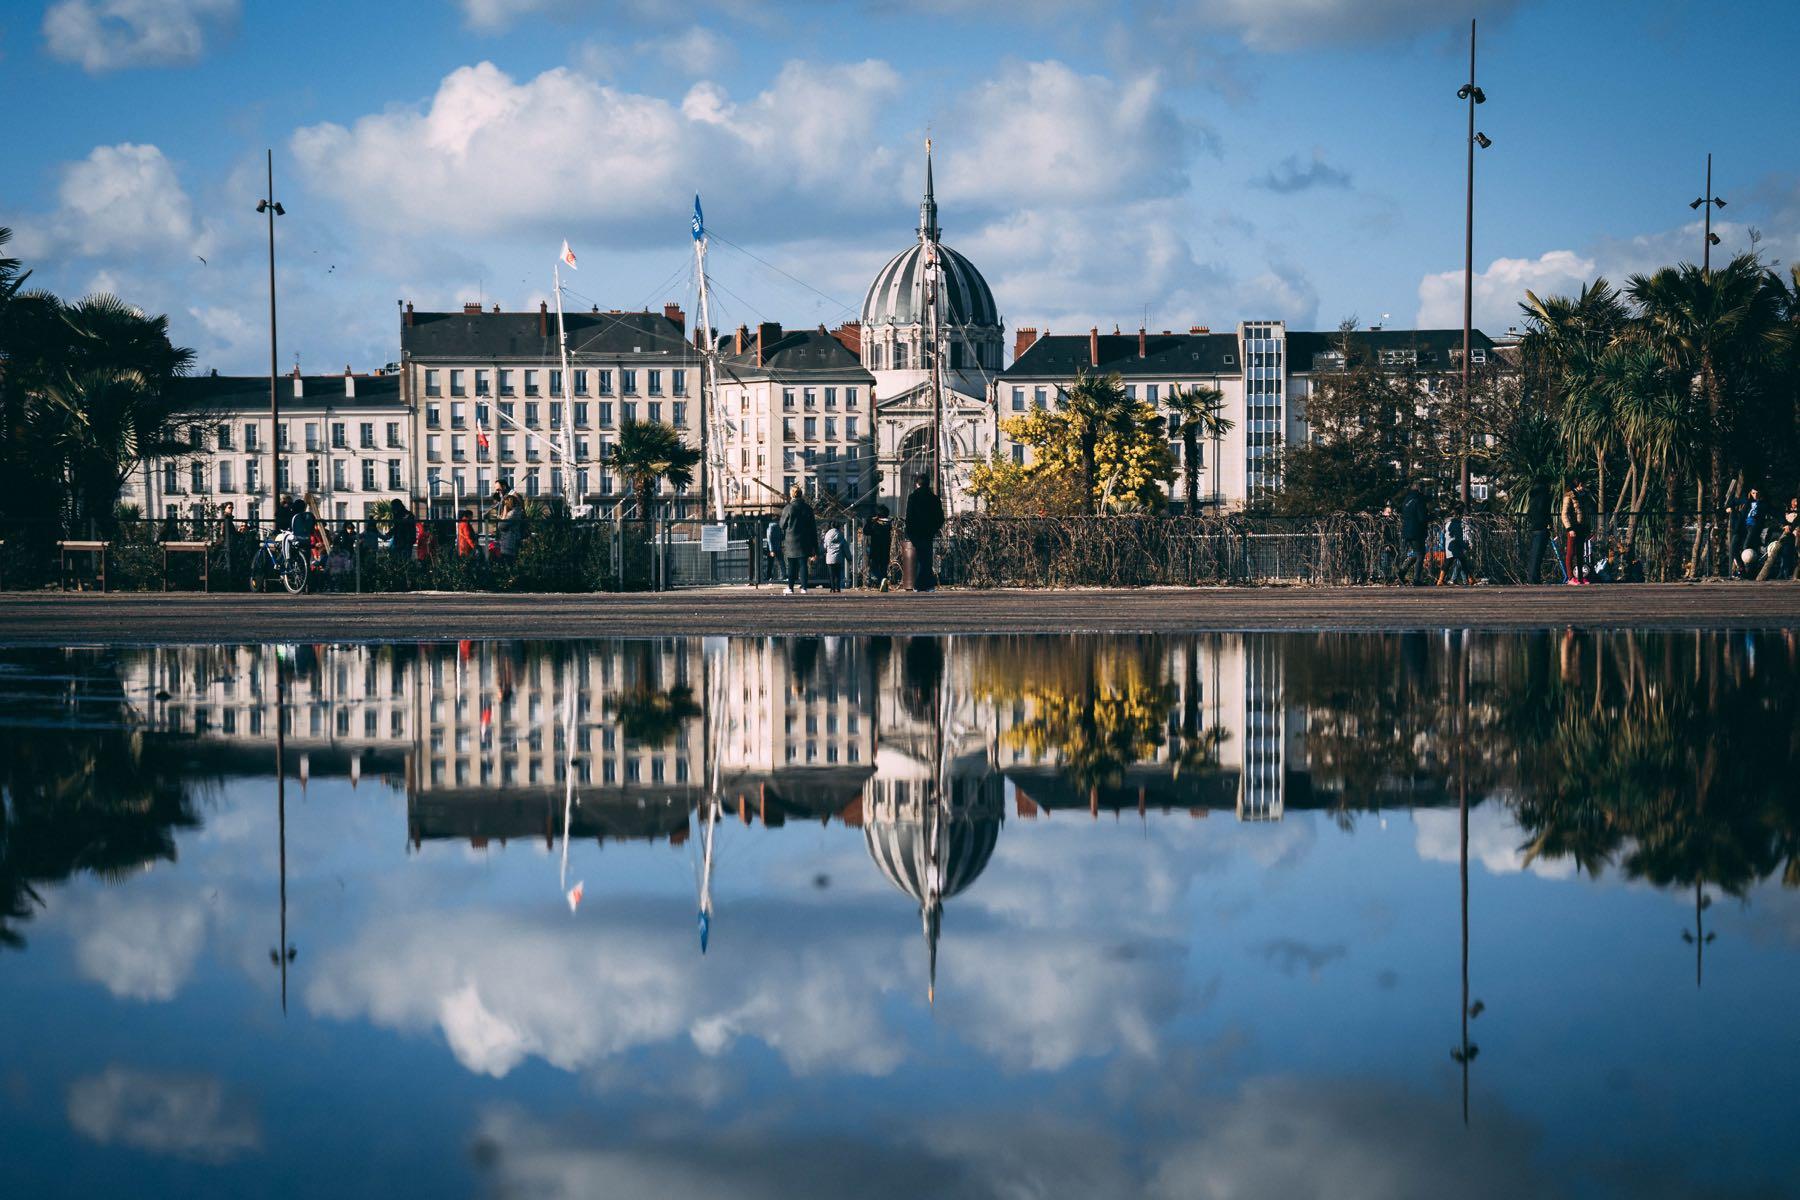 Vendre-bien-immobilier-nantes-Jachetvotrebien.fr